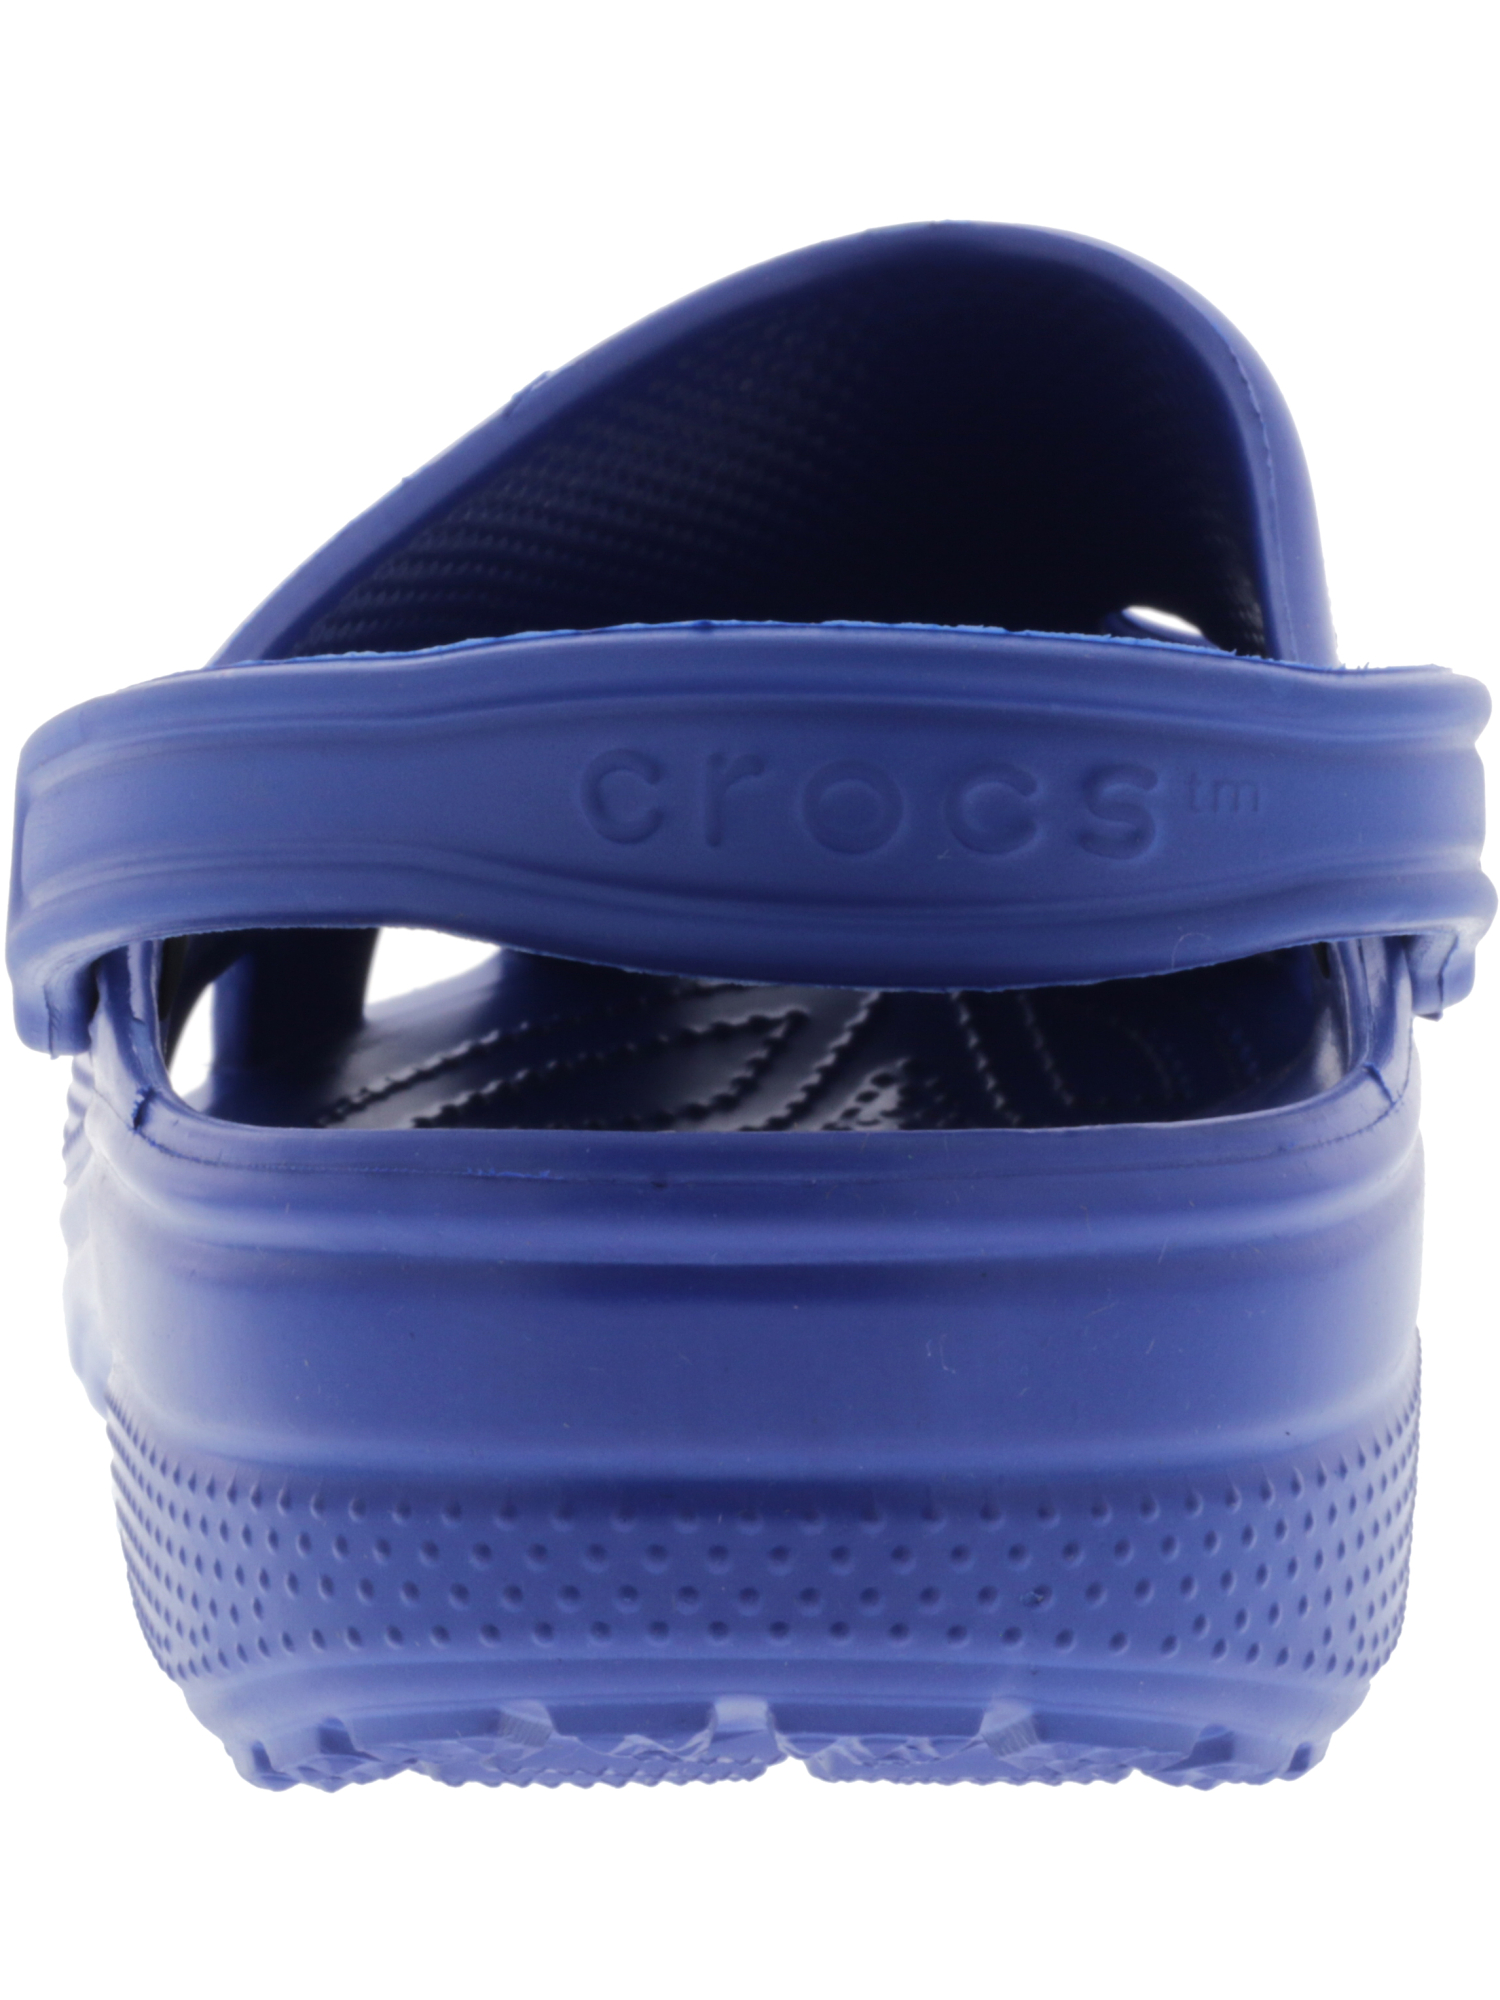 Crocs-Classic-Clog-Ltd-Clogs thumbnail 11